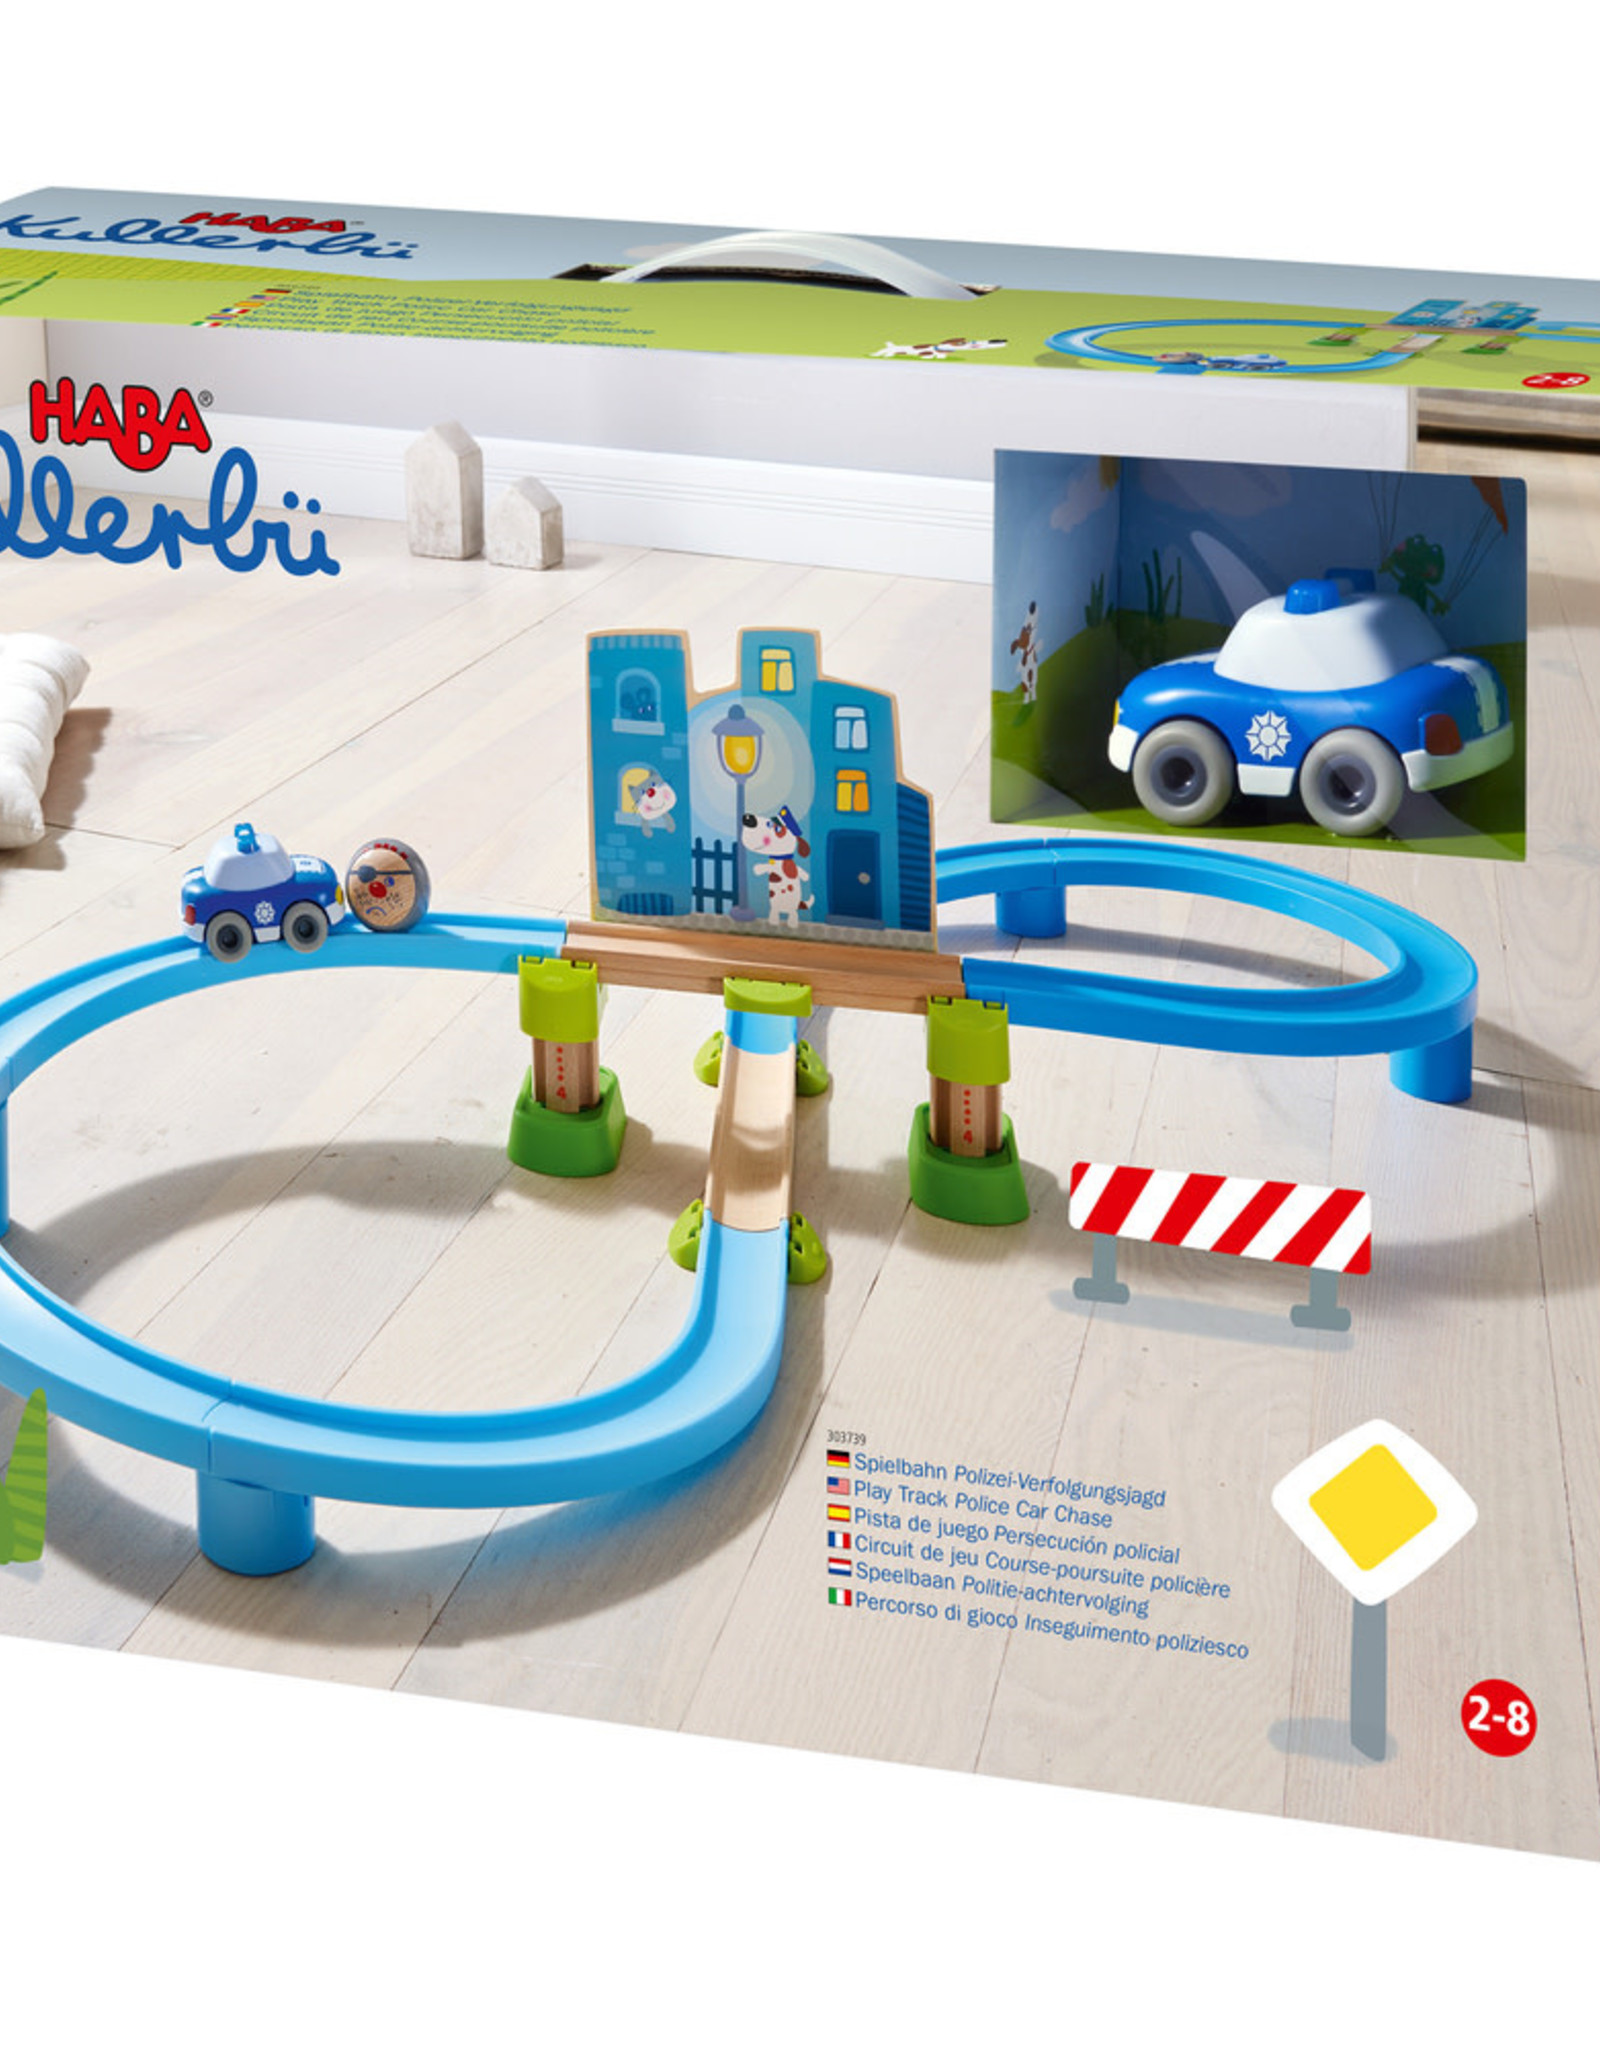 HABA Speelbaan Politie Achtervolgen